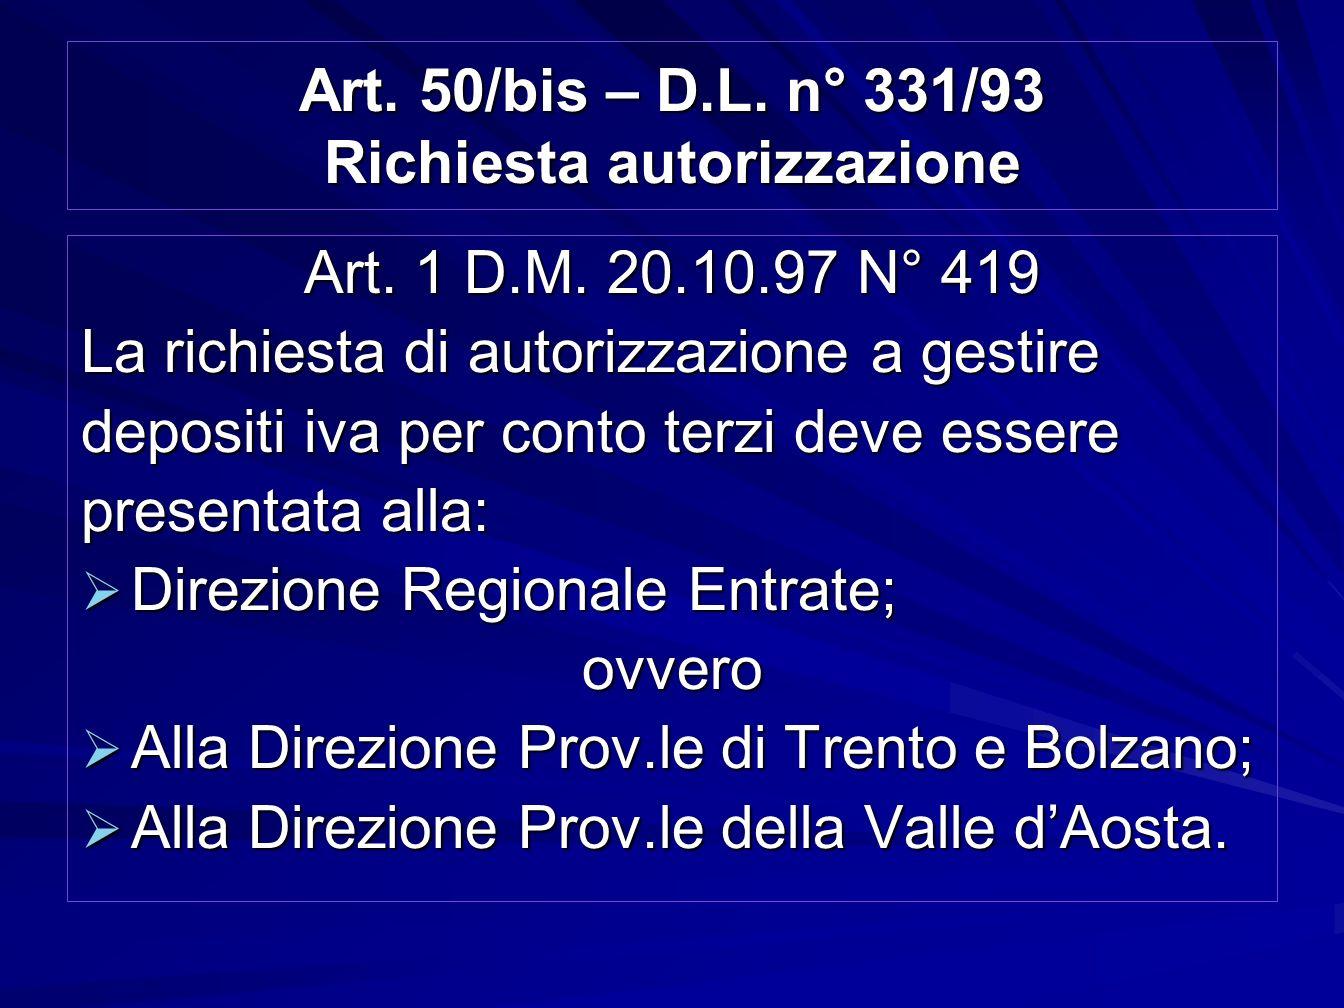 Art. 50/bis – D.L. n° 331/93 Richiesta autorizzazione